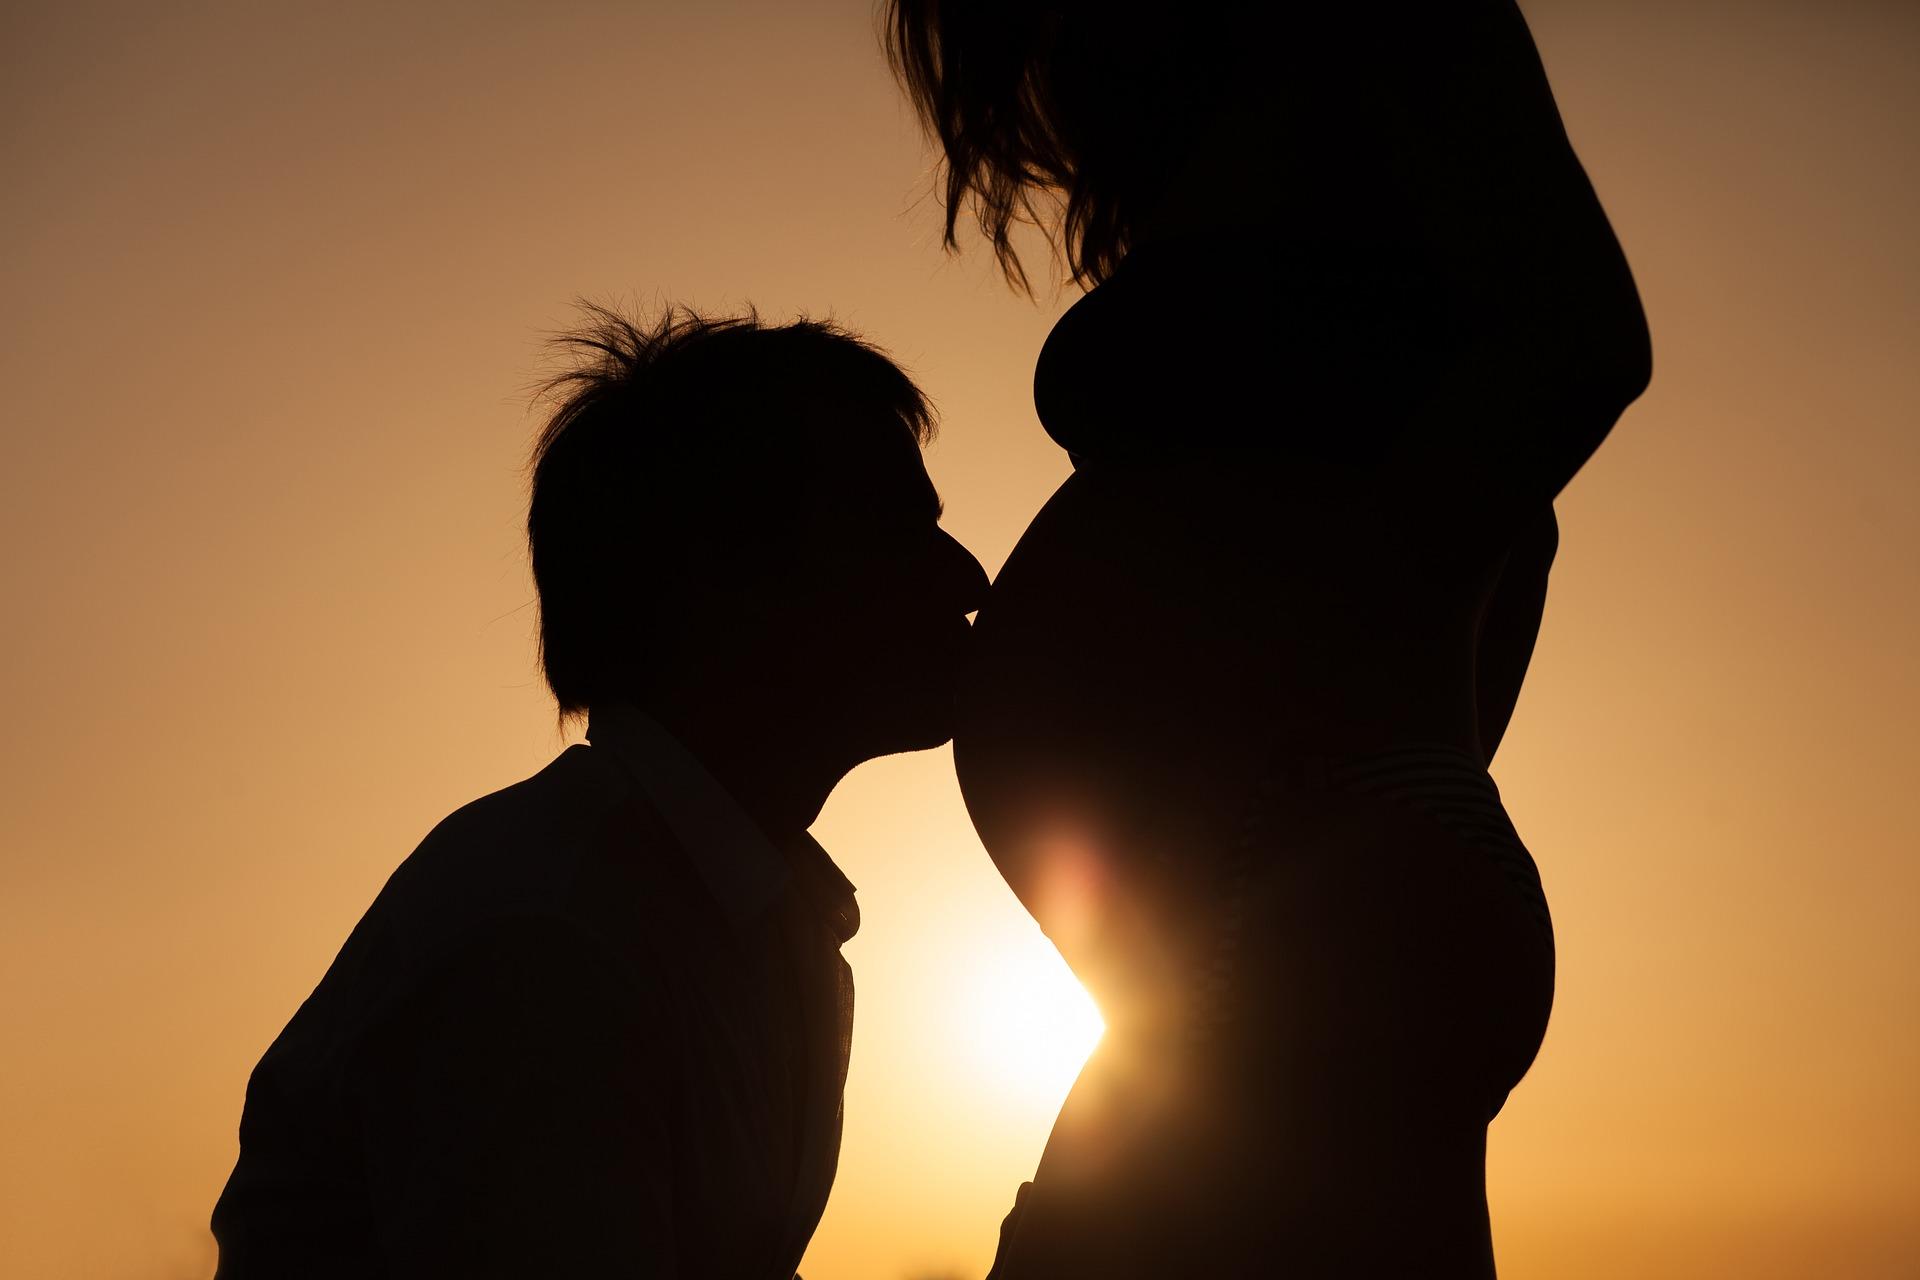 צילומי היריון – בטבע או בסטודיו?